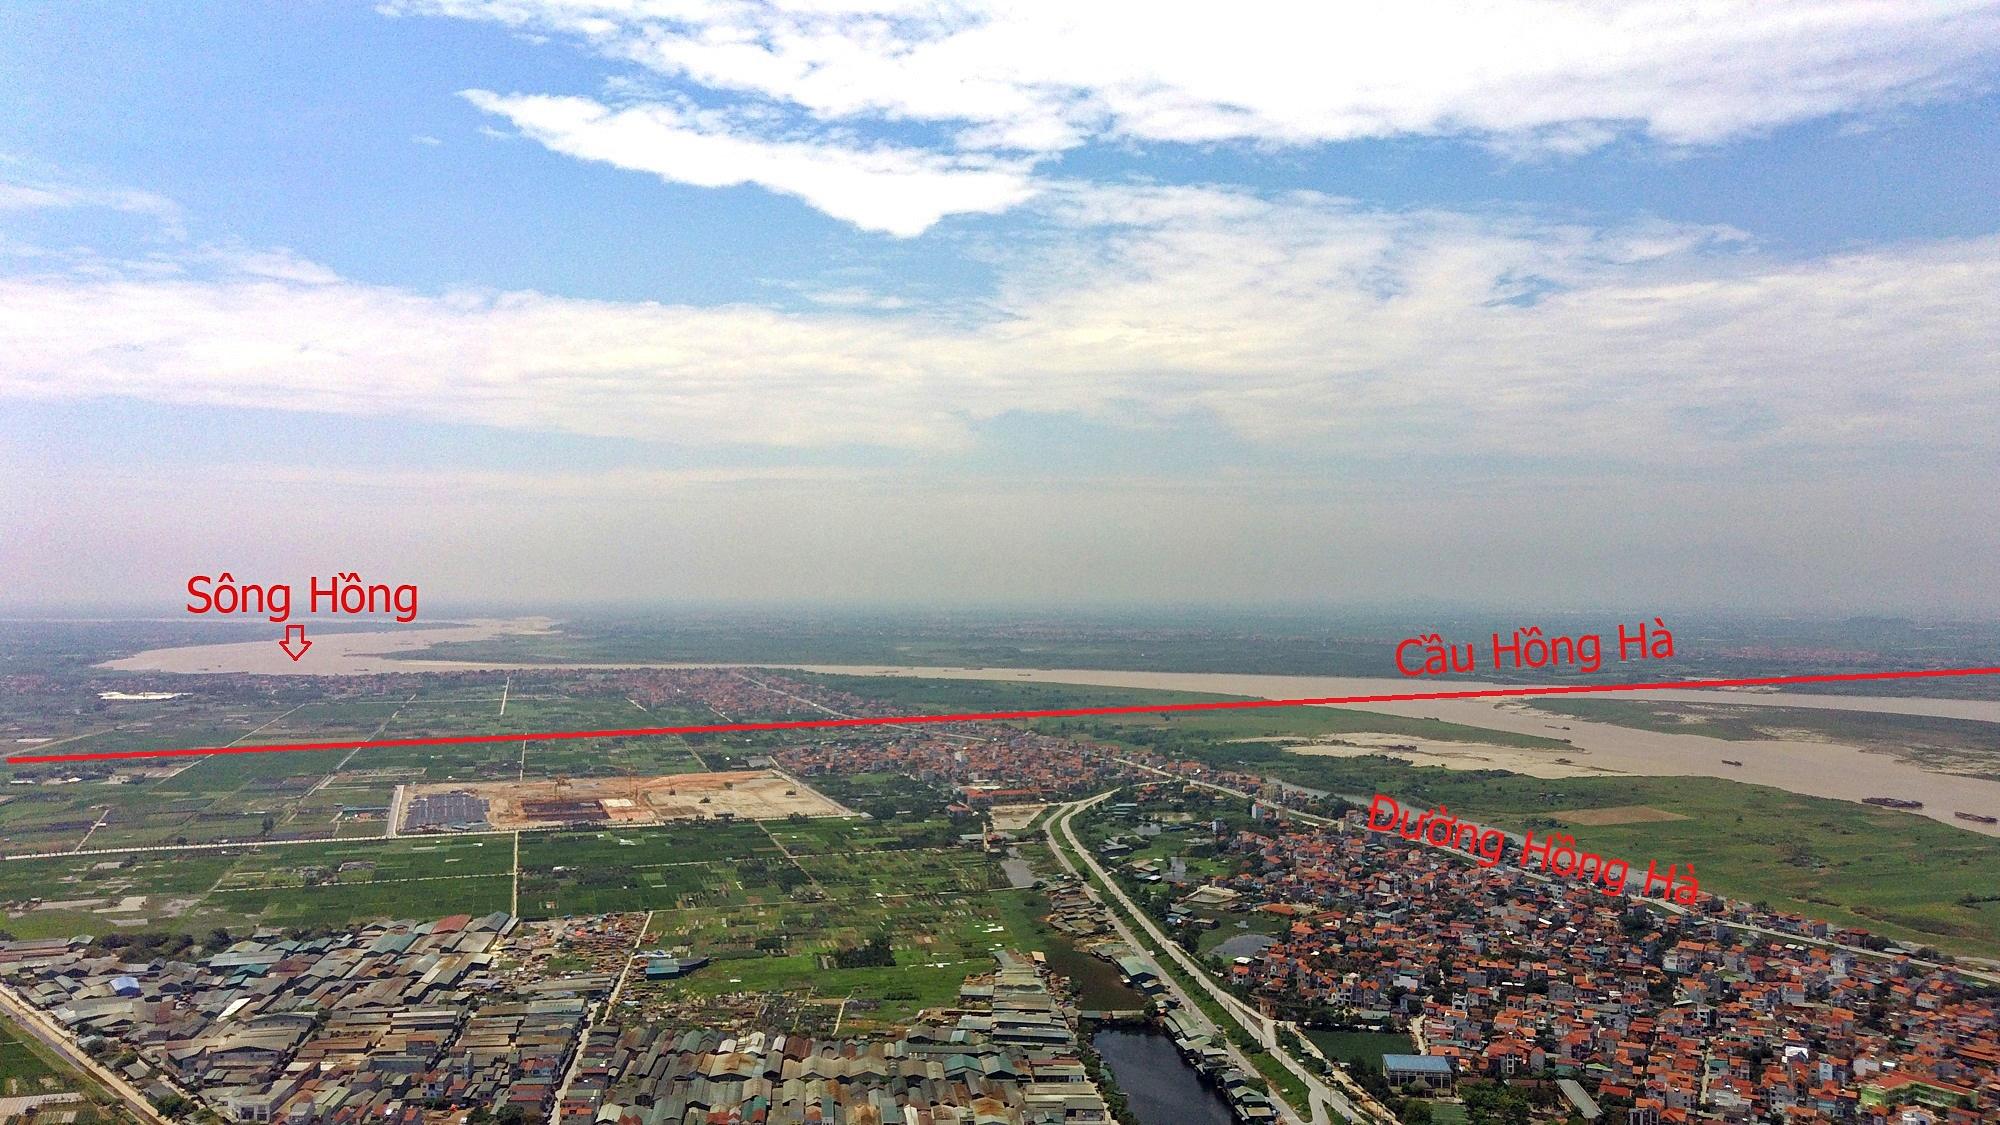 Cầu sẽ mở theo qui hoạch ở Hà Nội: Toàn cảnh vị trí làm cầu Hồng Hà nối Đan Phượng với Mê Linh - Ảnh 2.